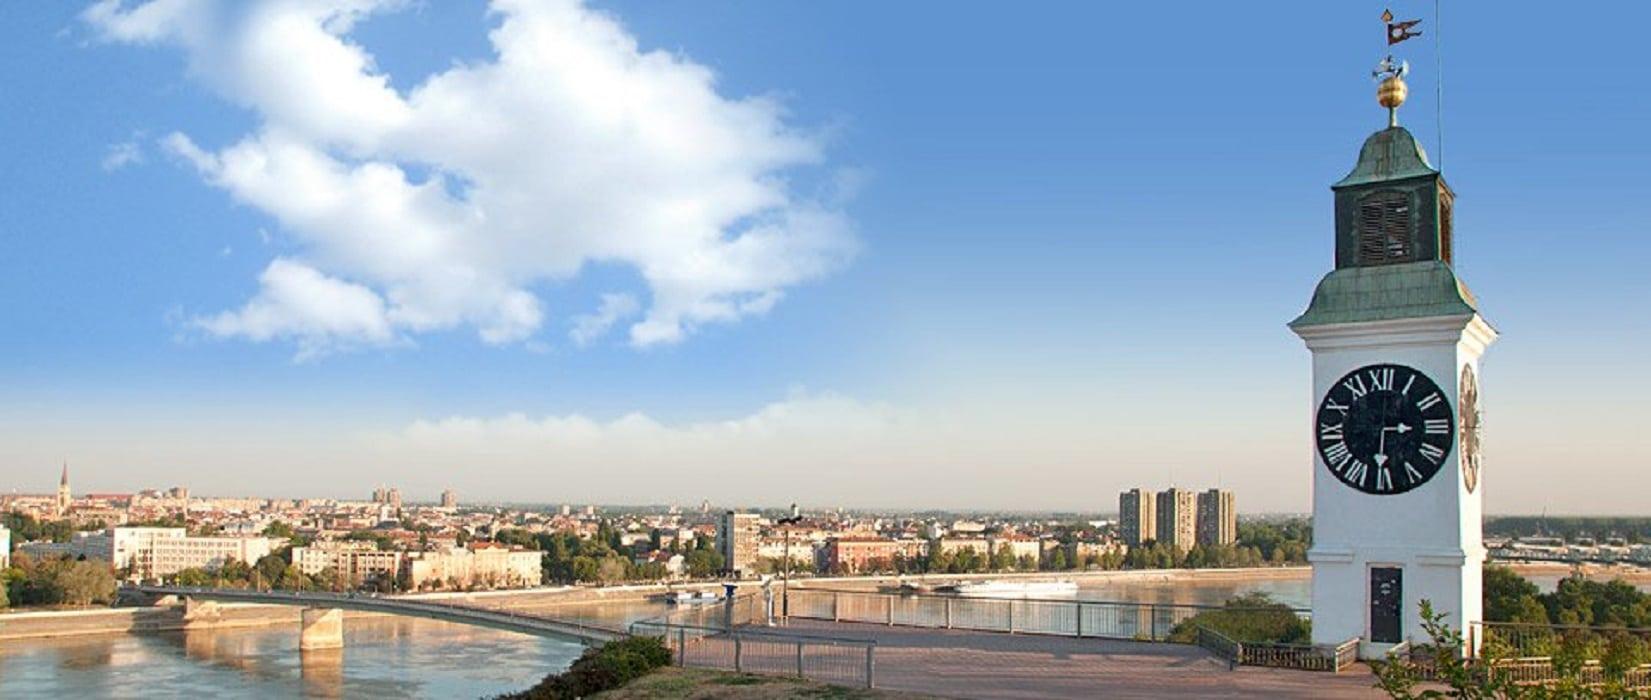 Ceasul invers - simbolul din Novi Sad